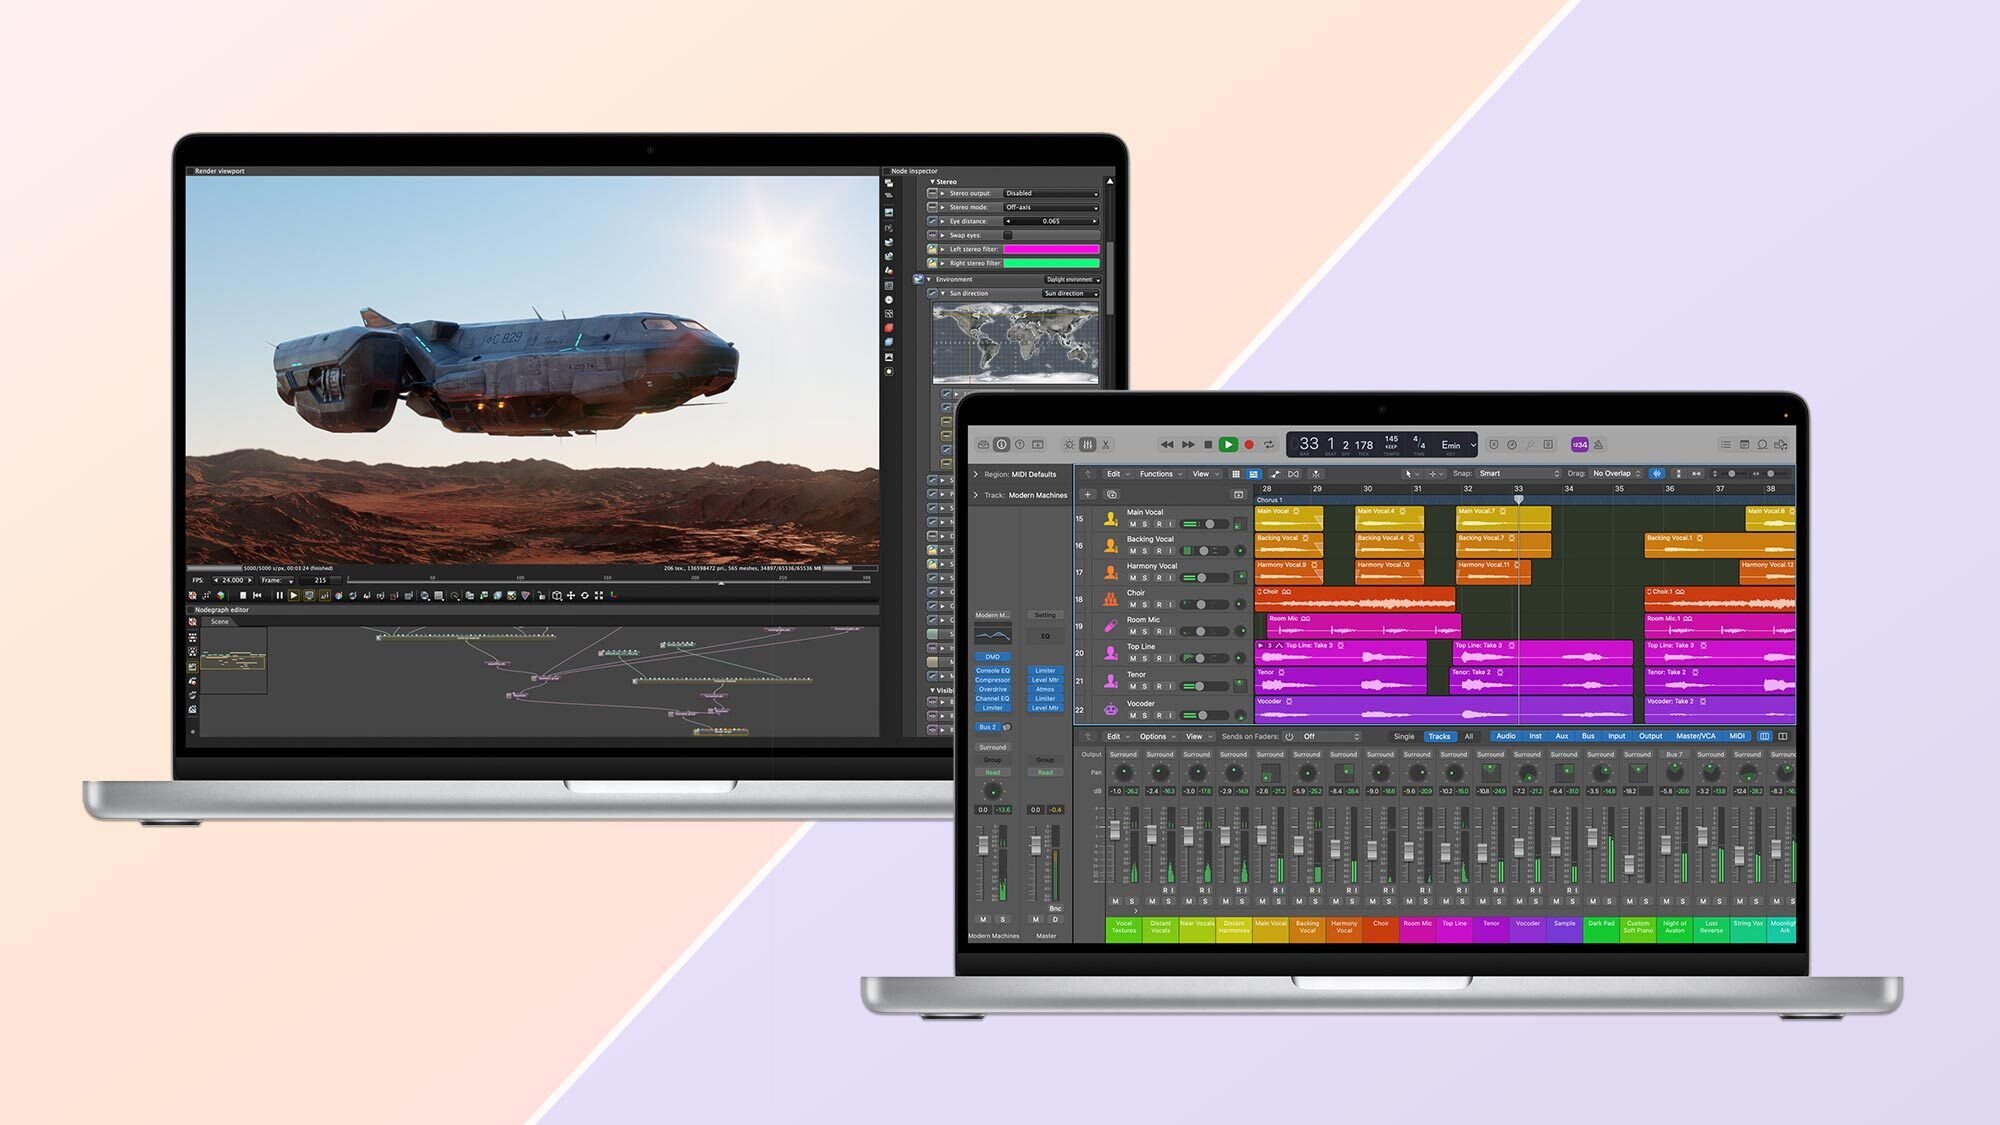 MacBook Pro 14-inch vs MacBook Pro 16-inch